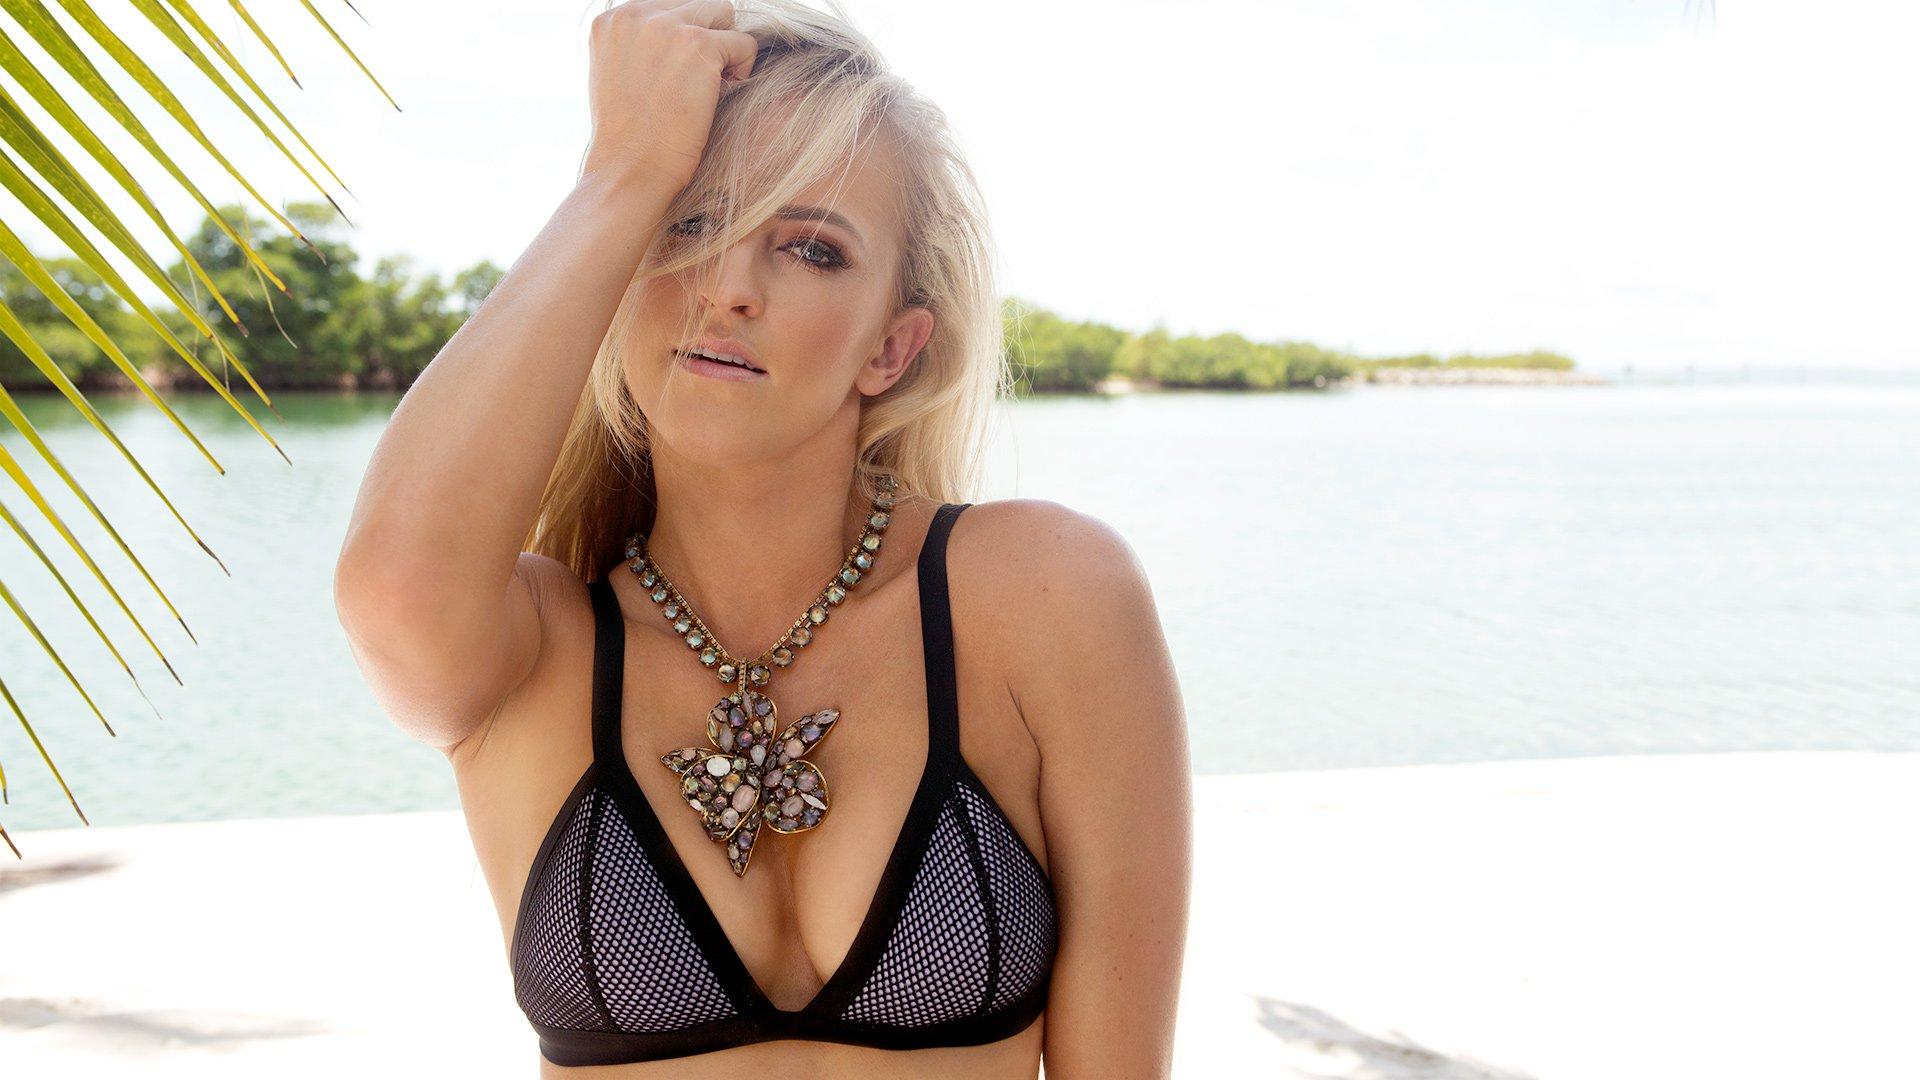 Images Summer Rae nudes (73 photo), Pussy, Hot, Selfie, panties 2020